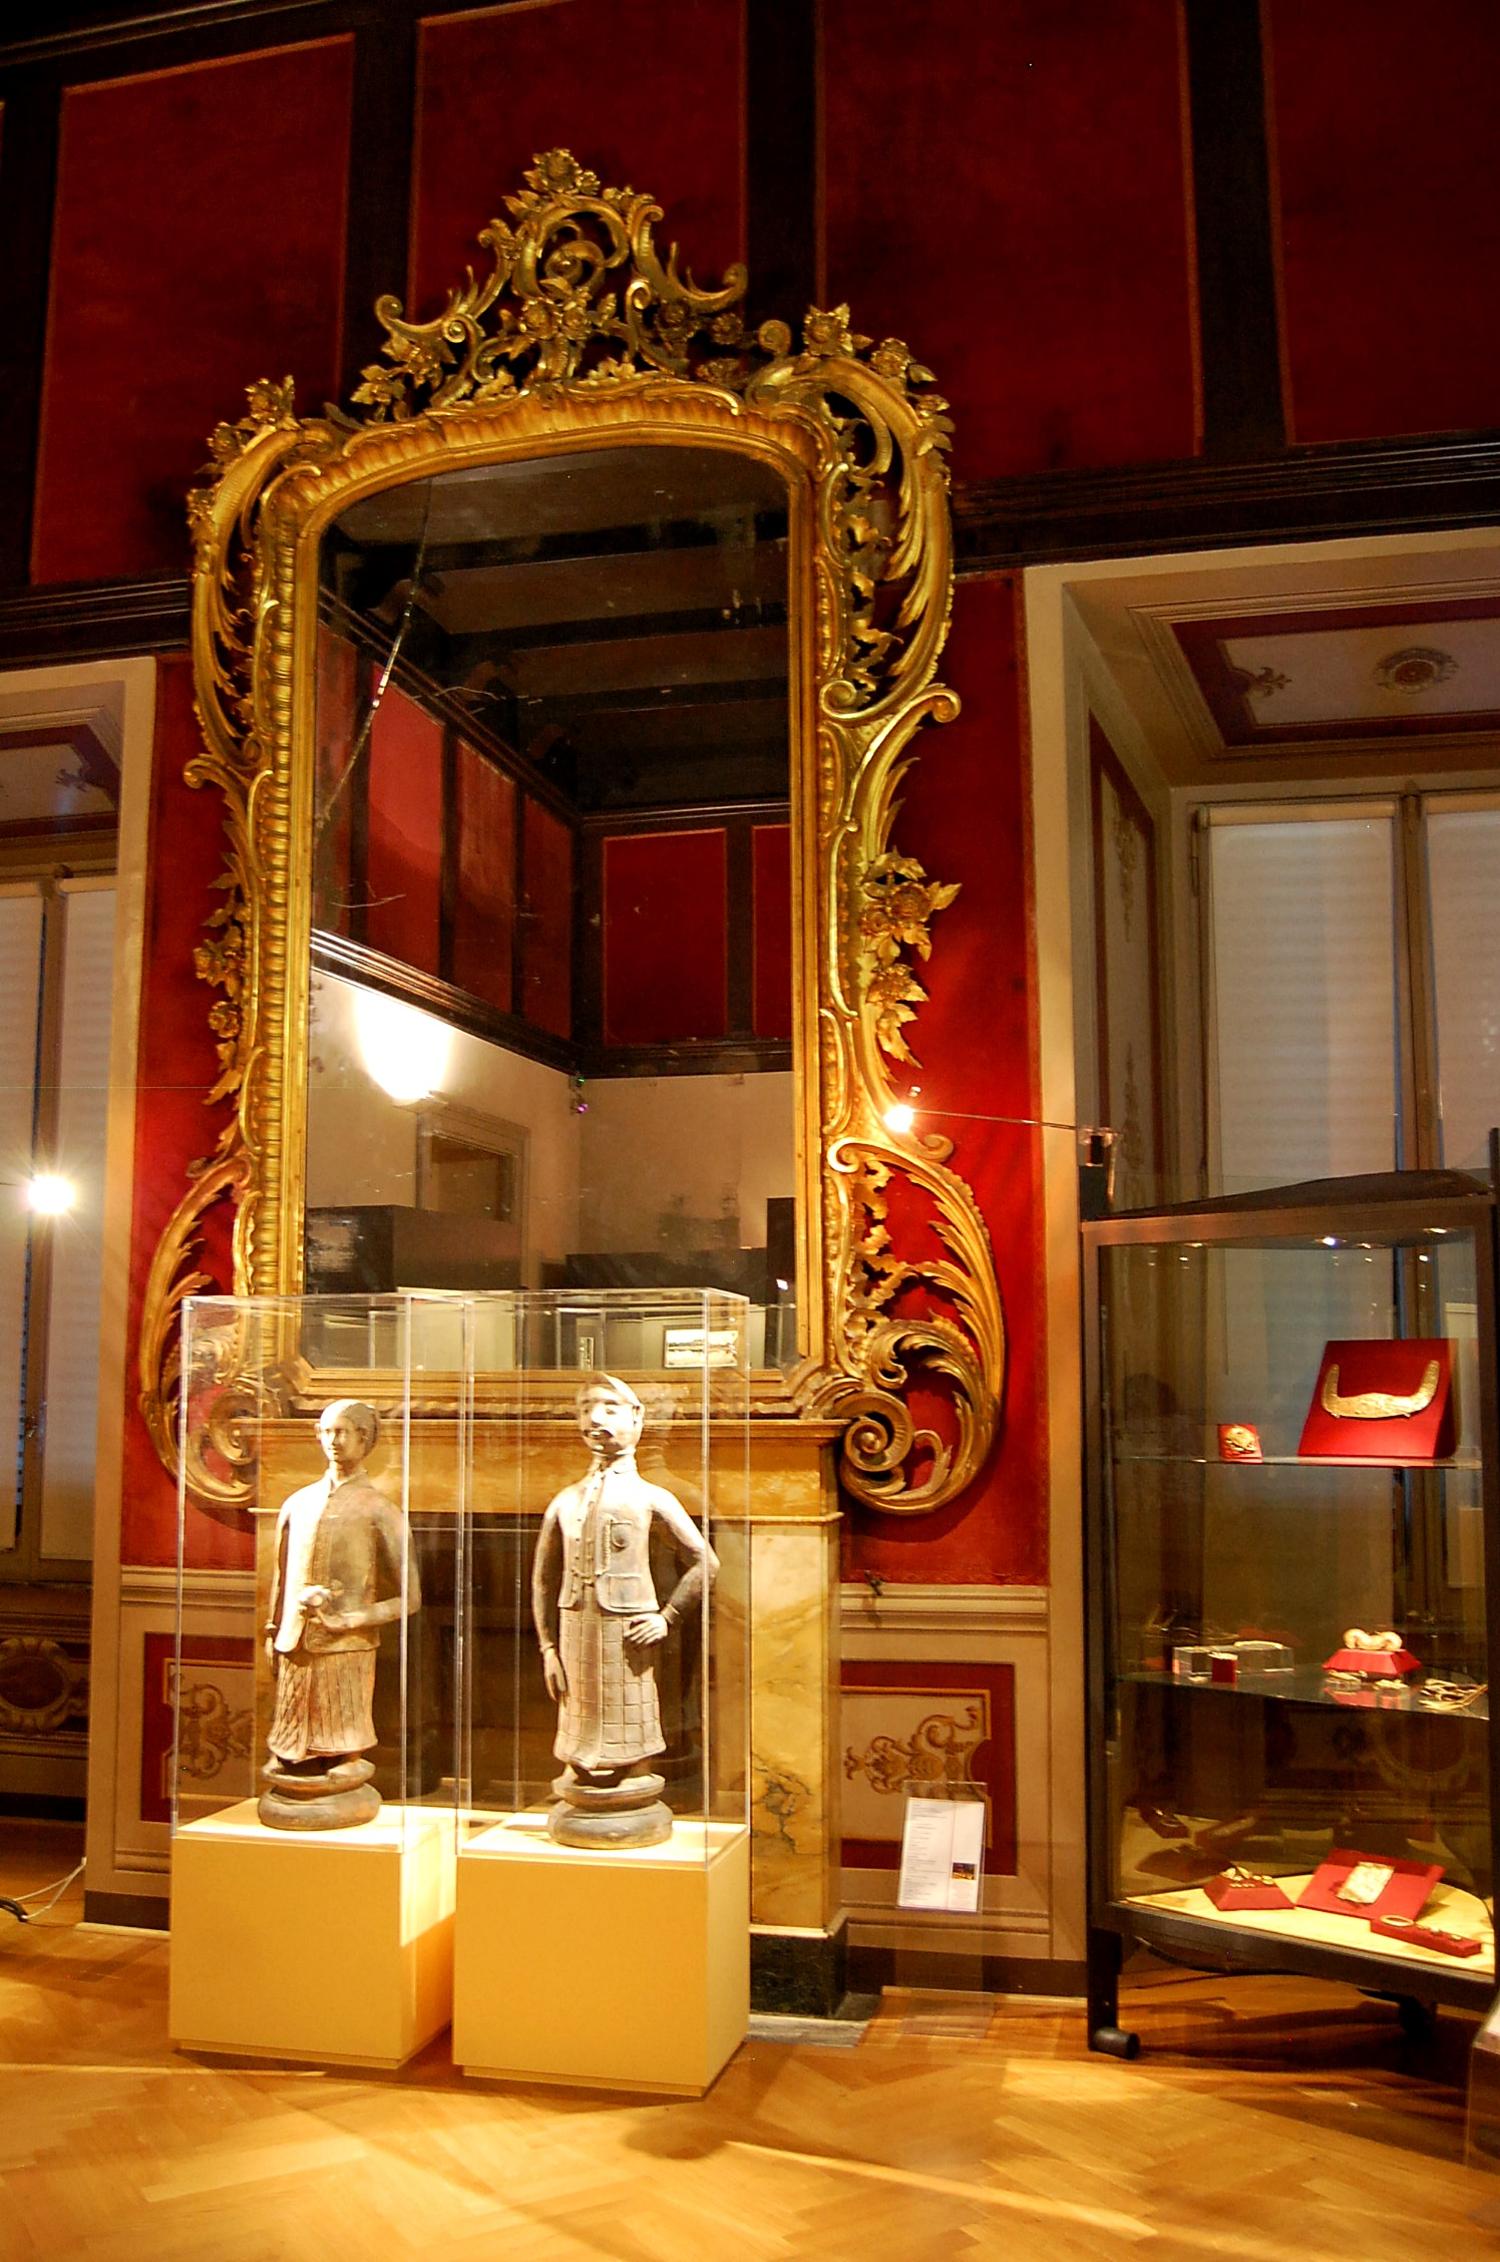 rocaille-blog-palazzo-brancaccio-museo-arte-orientale-17